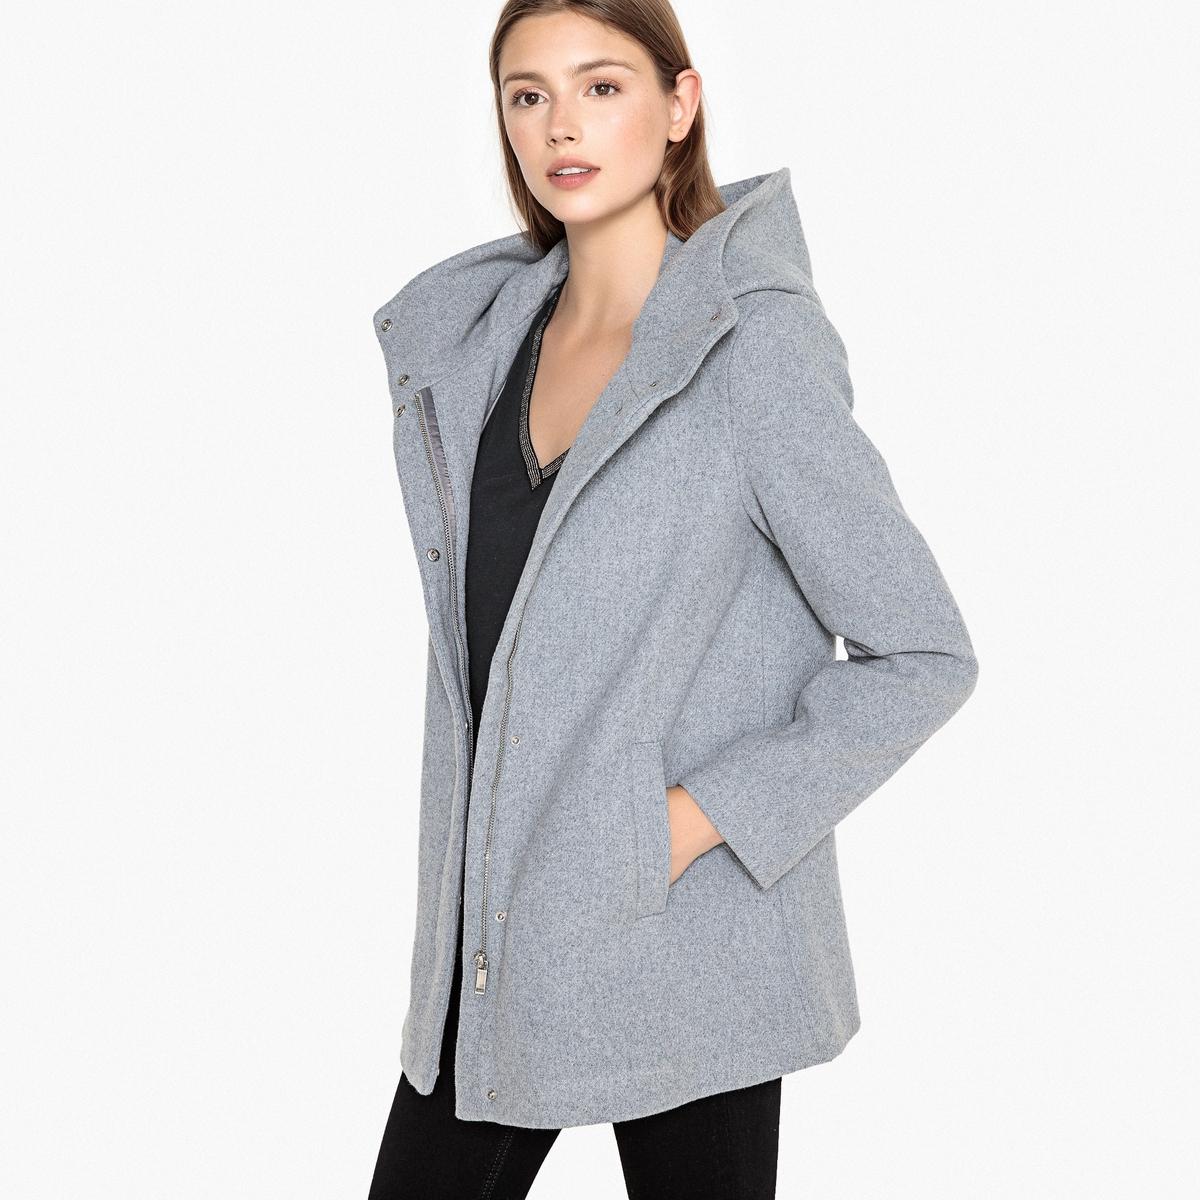 Пальто с воротником-стойкой из шерстяного драпа пальто с эффектом шерстяного драпа